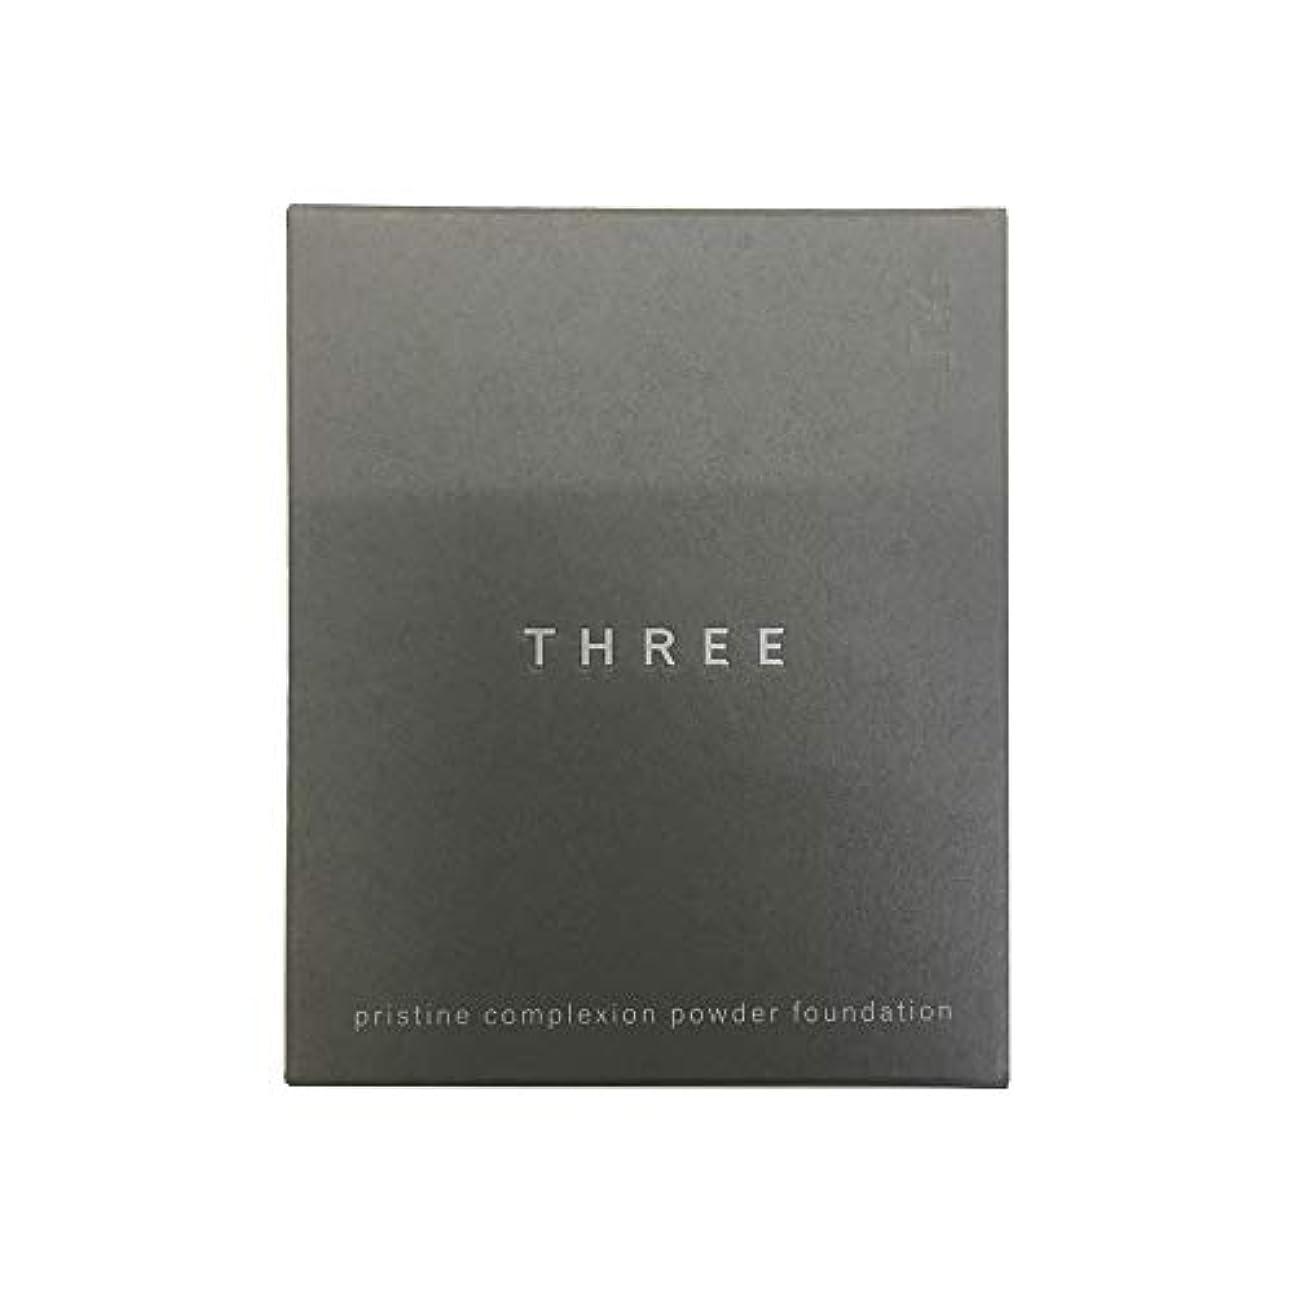 案件自伝六分儀THREE(スリー) プリスティーンコンプレクションパウダーファンデーション #101(リフィル) [ パウダーファンデーション ] [並行輸入品]